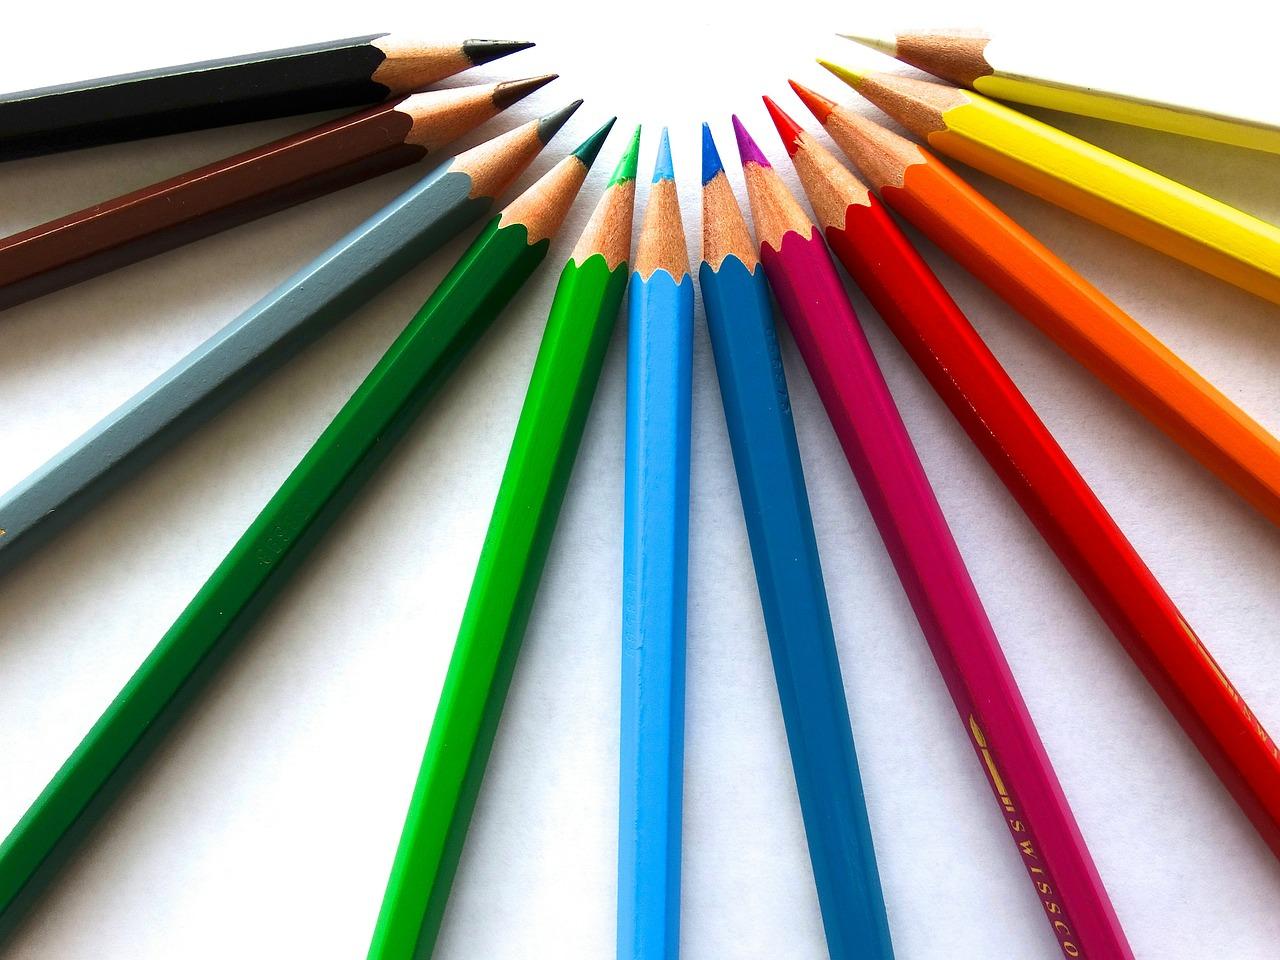 Bahan yang Digunakan - Pertimbangkan 5 Hal Ini Sebelum Memilih Pensil warna